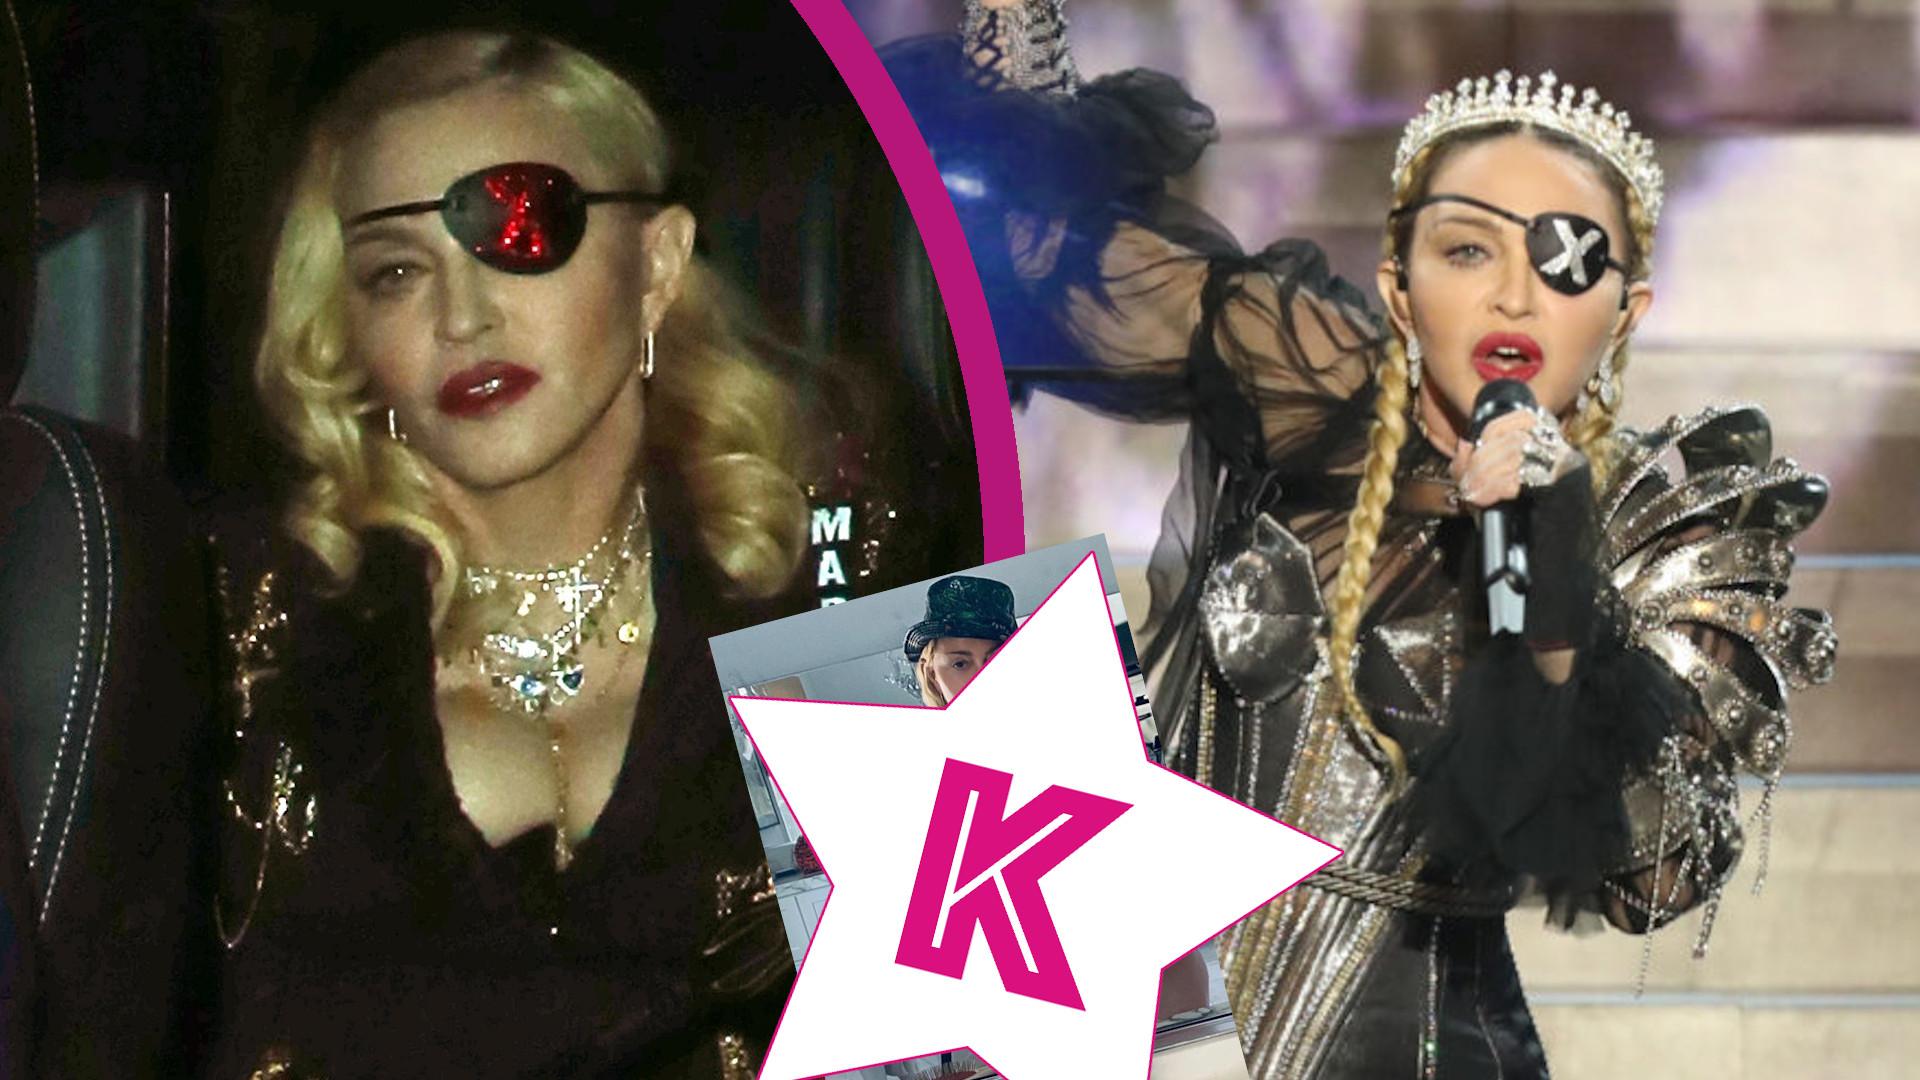 61-letnia Madonna topless opiera się o kule ortopedyczne. Na jej profilu pojawiają się ostatnio odważne zdjęcia